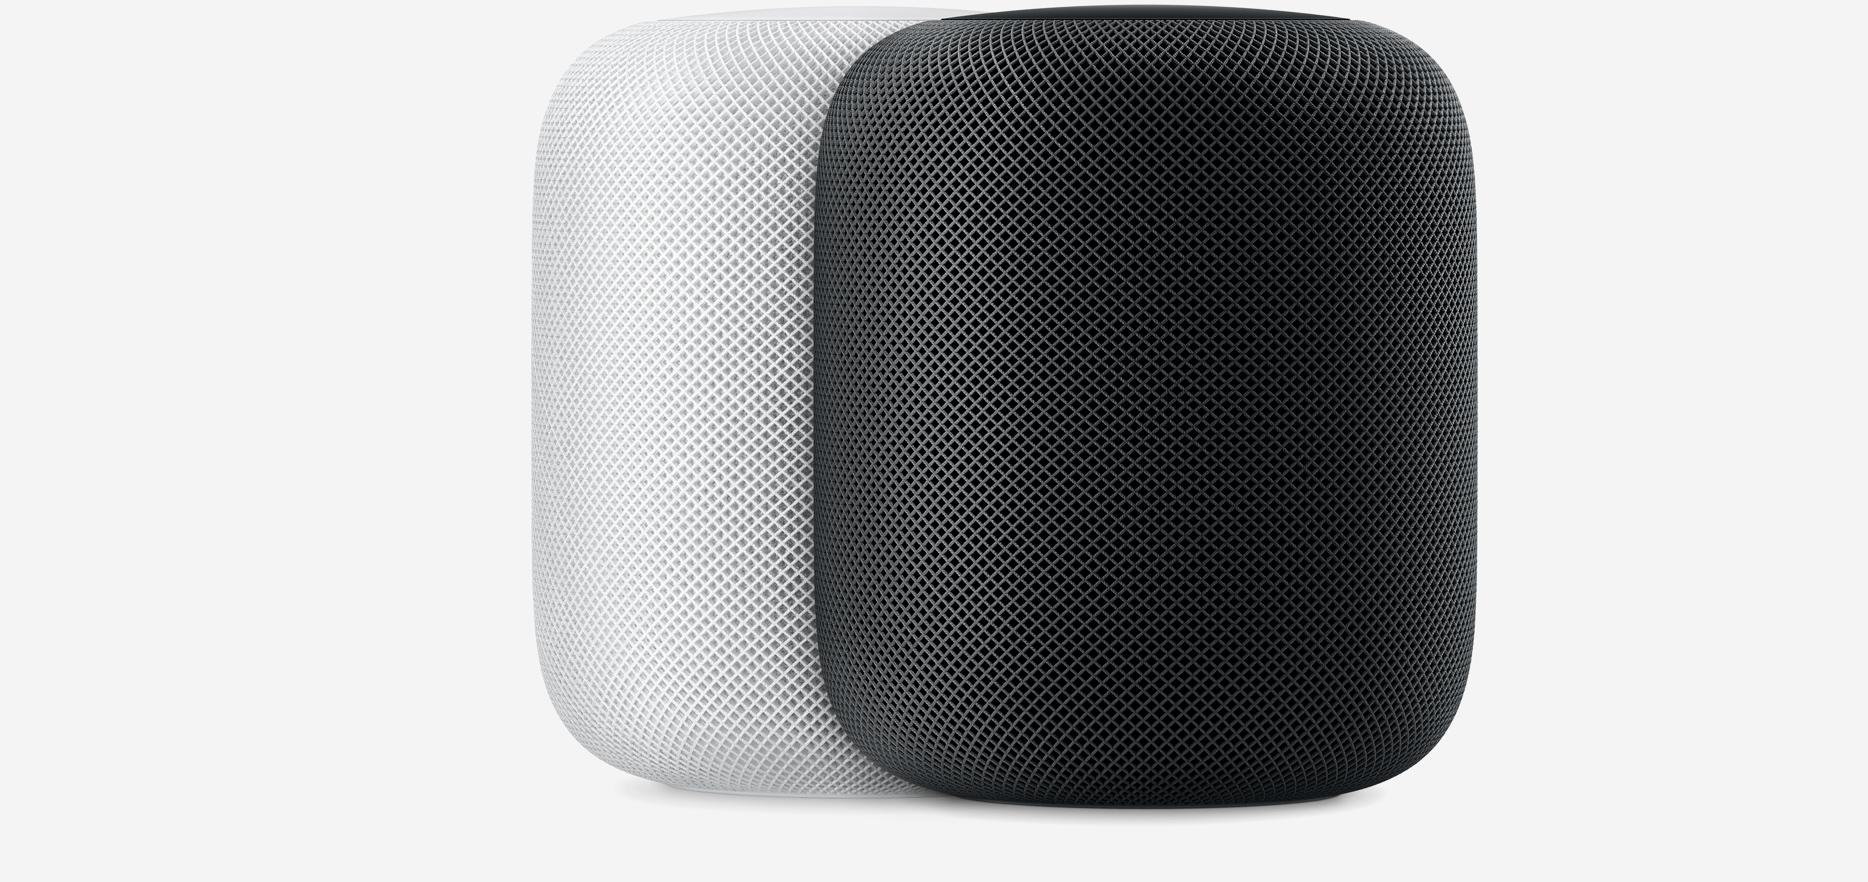 蘋果唯一的智慧型音箱已經通過台灣 NCC 認證,近日將有望在台上市